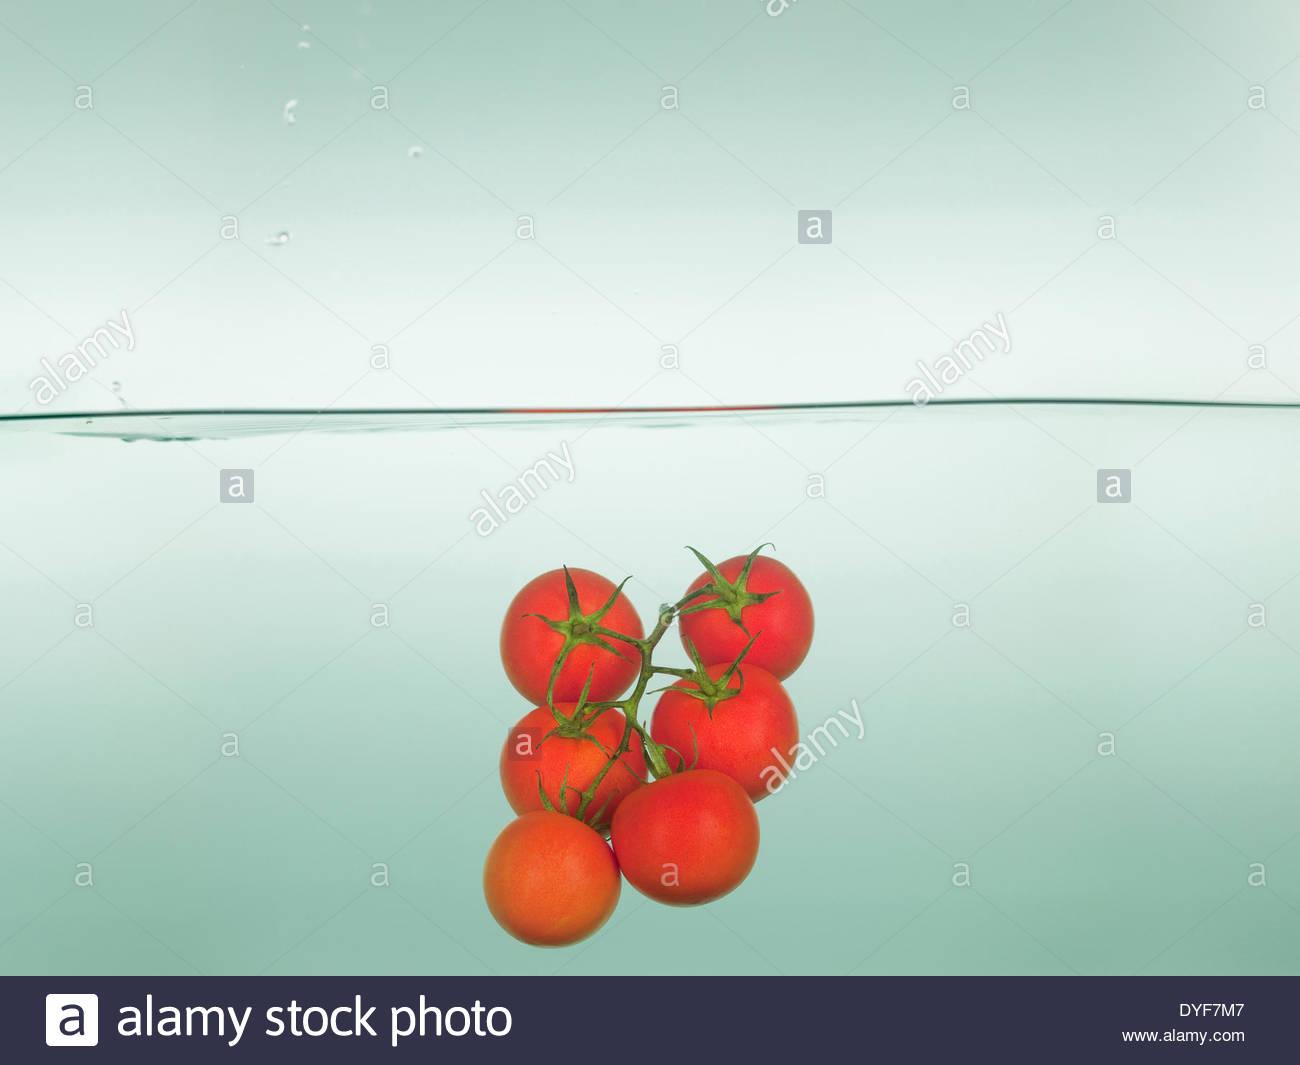 Pomodori schizzi in acqua Immagini Stock